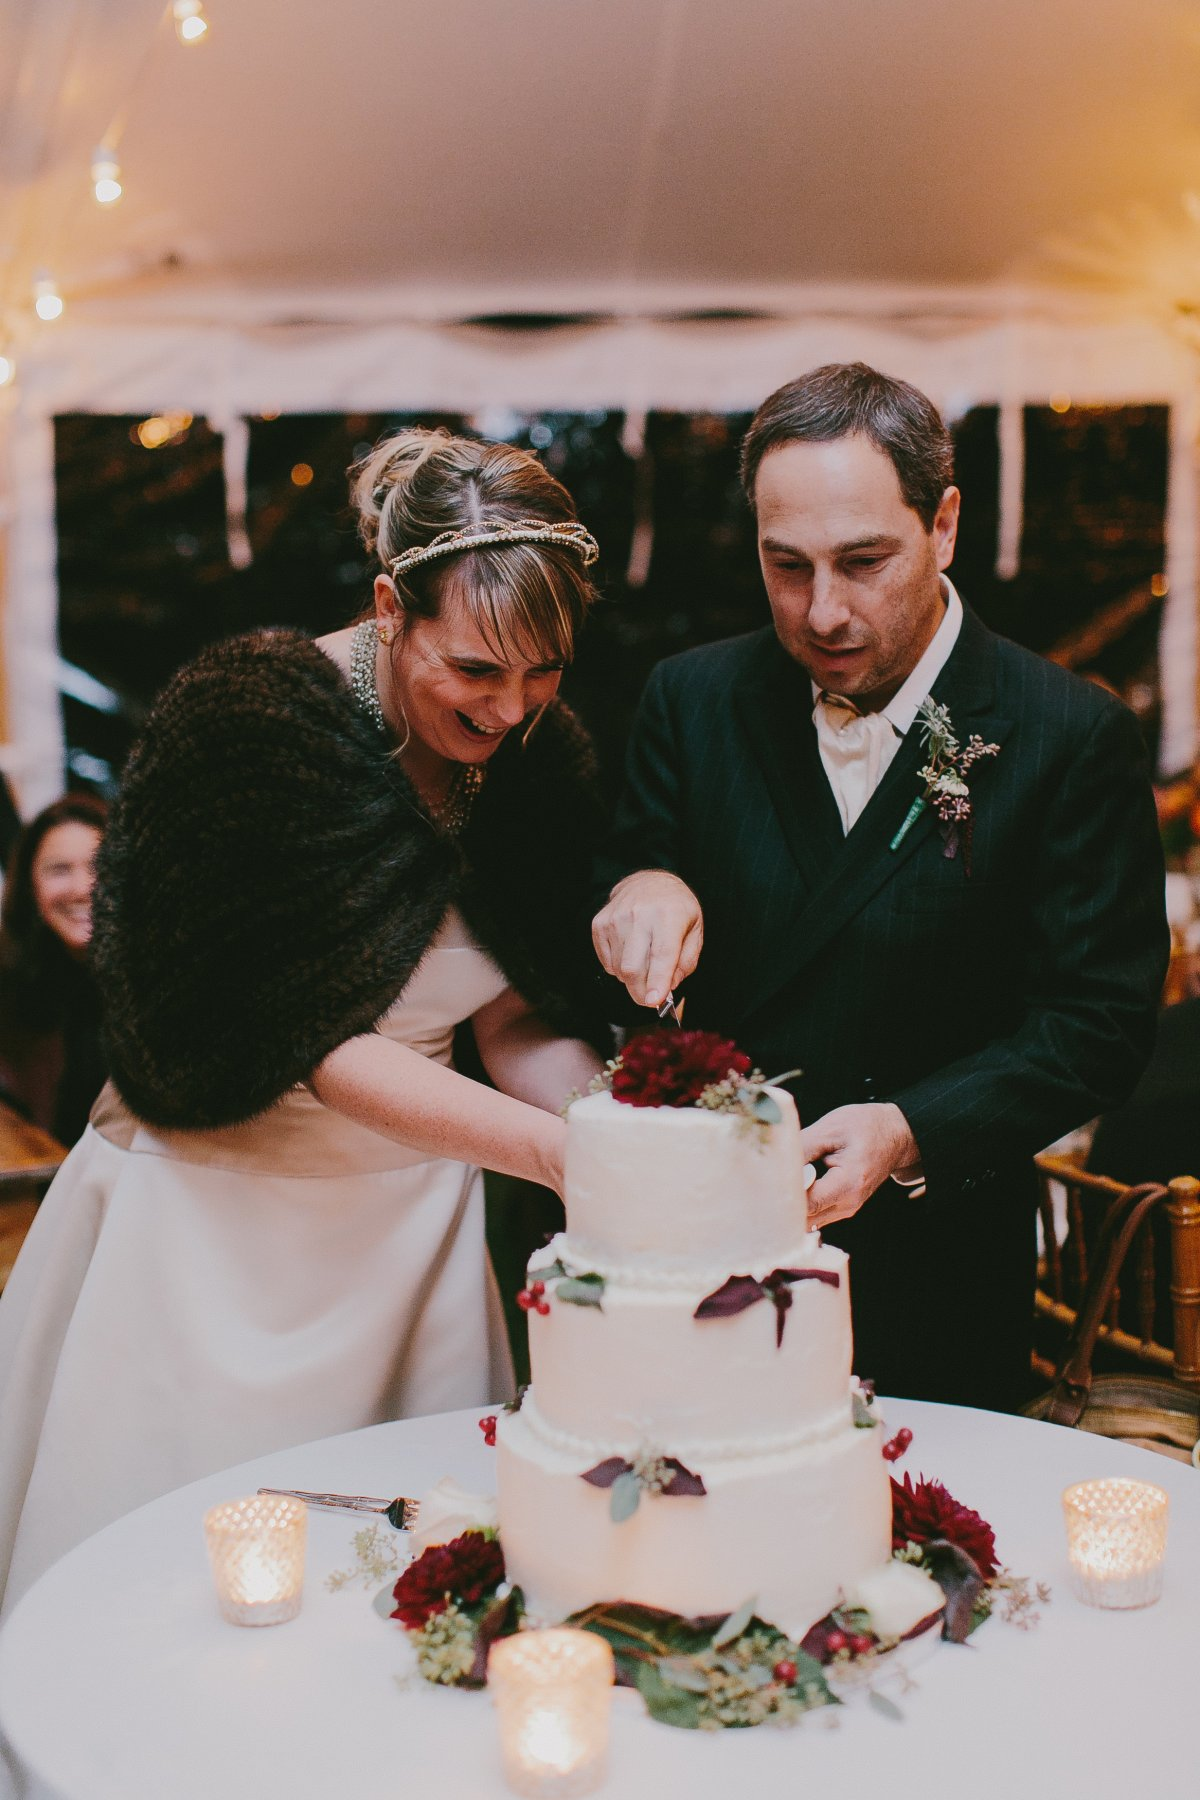 Eastman Hill Wedding Cake Cutting.jpg